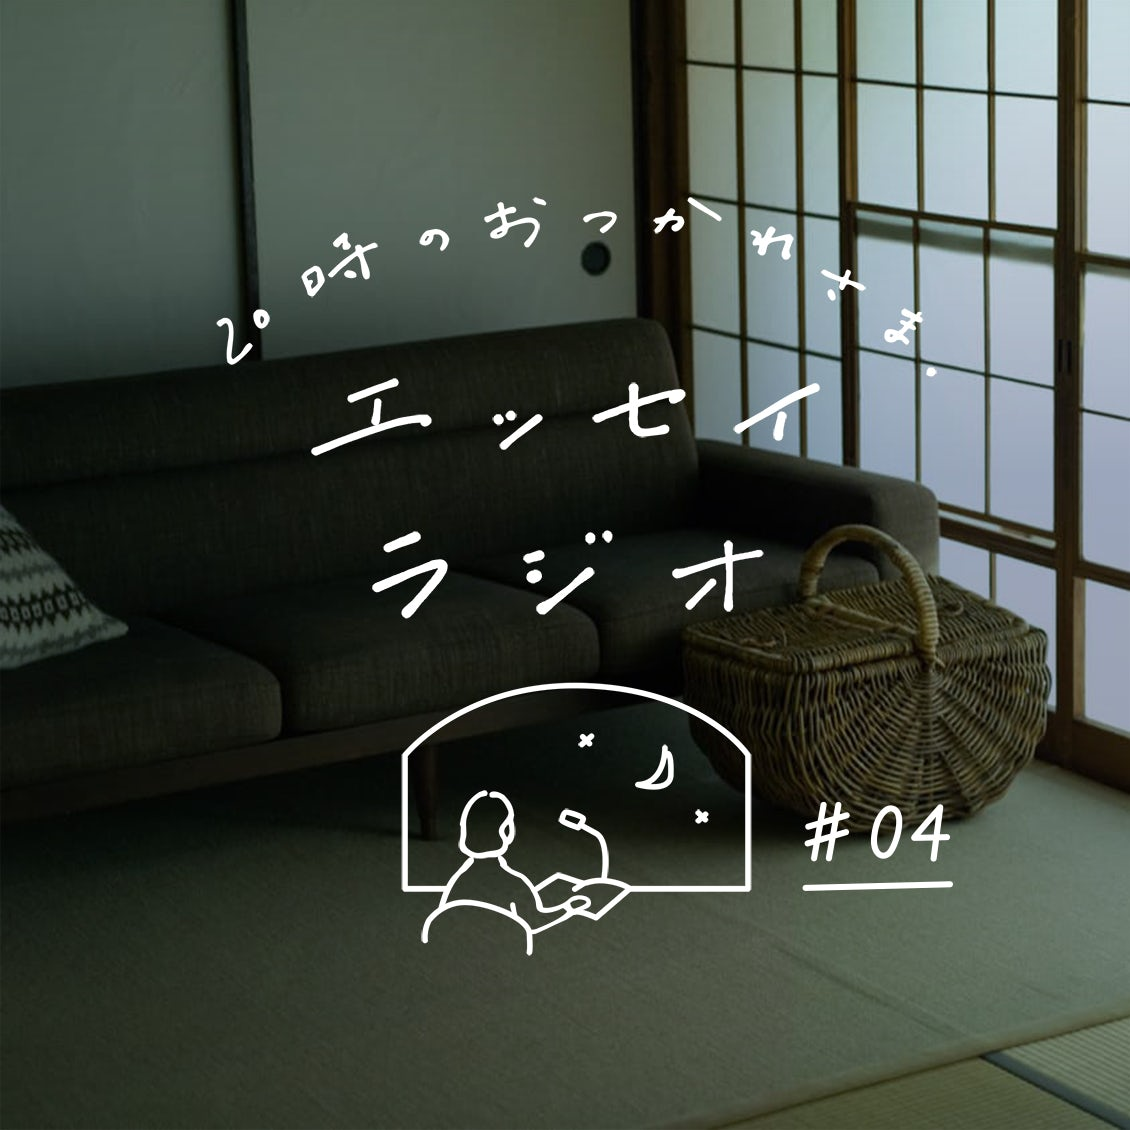 【エッセイラジオ】第4夜:一田憲子さんのエッセイ「おしゃれな部屋がいいわけじゃない」(読み手:スタッフ青木)